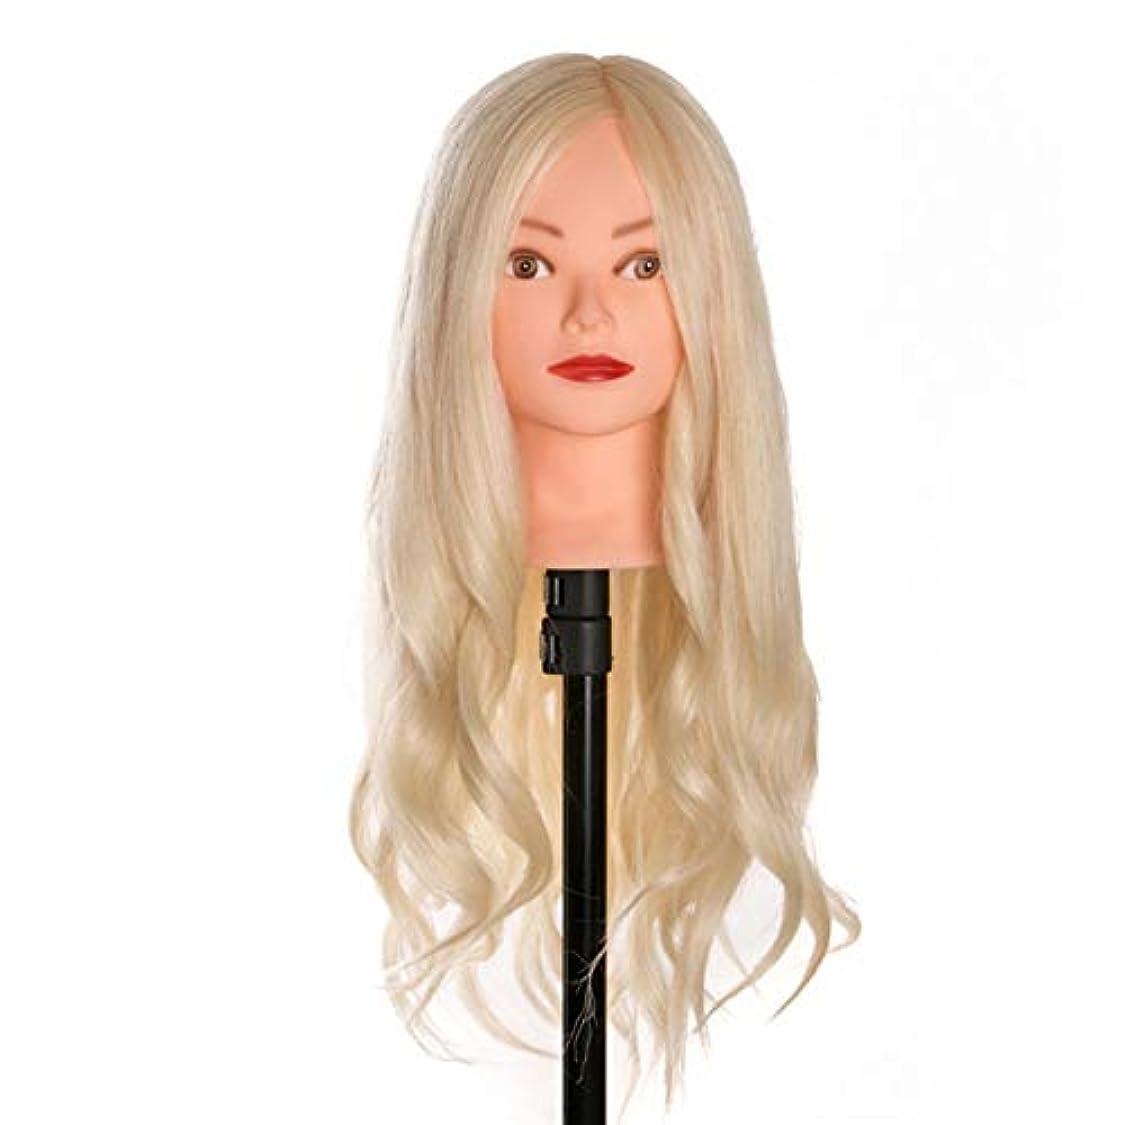 とまり木右論文ヘアカットトレーニングかつらメイクディスクヘアスタイリング編組ティーチングダミーヘッド理髪サロンエクササイズヘッド金型3個